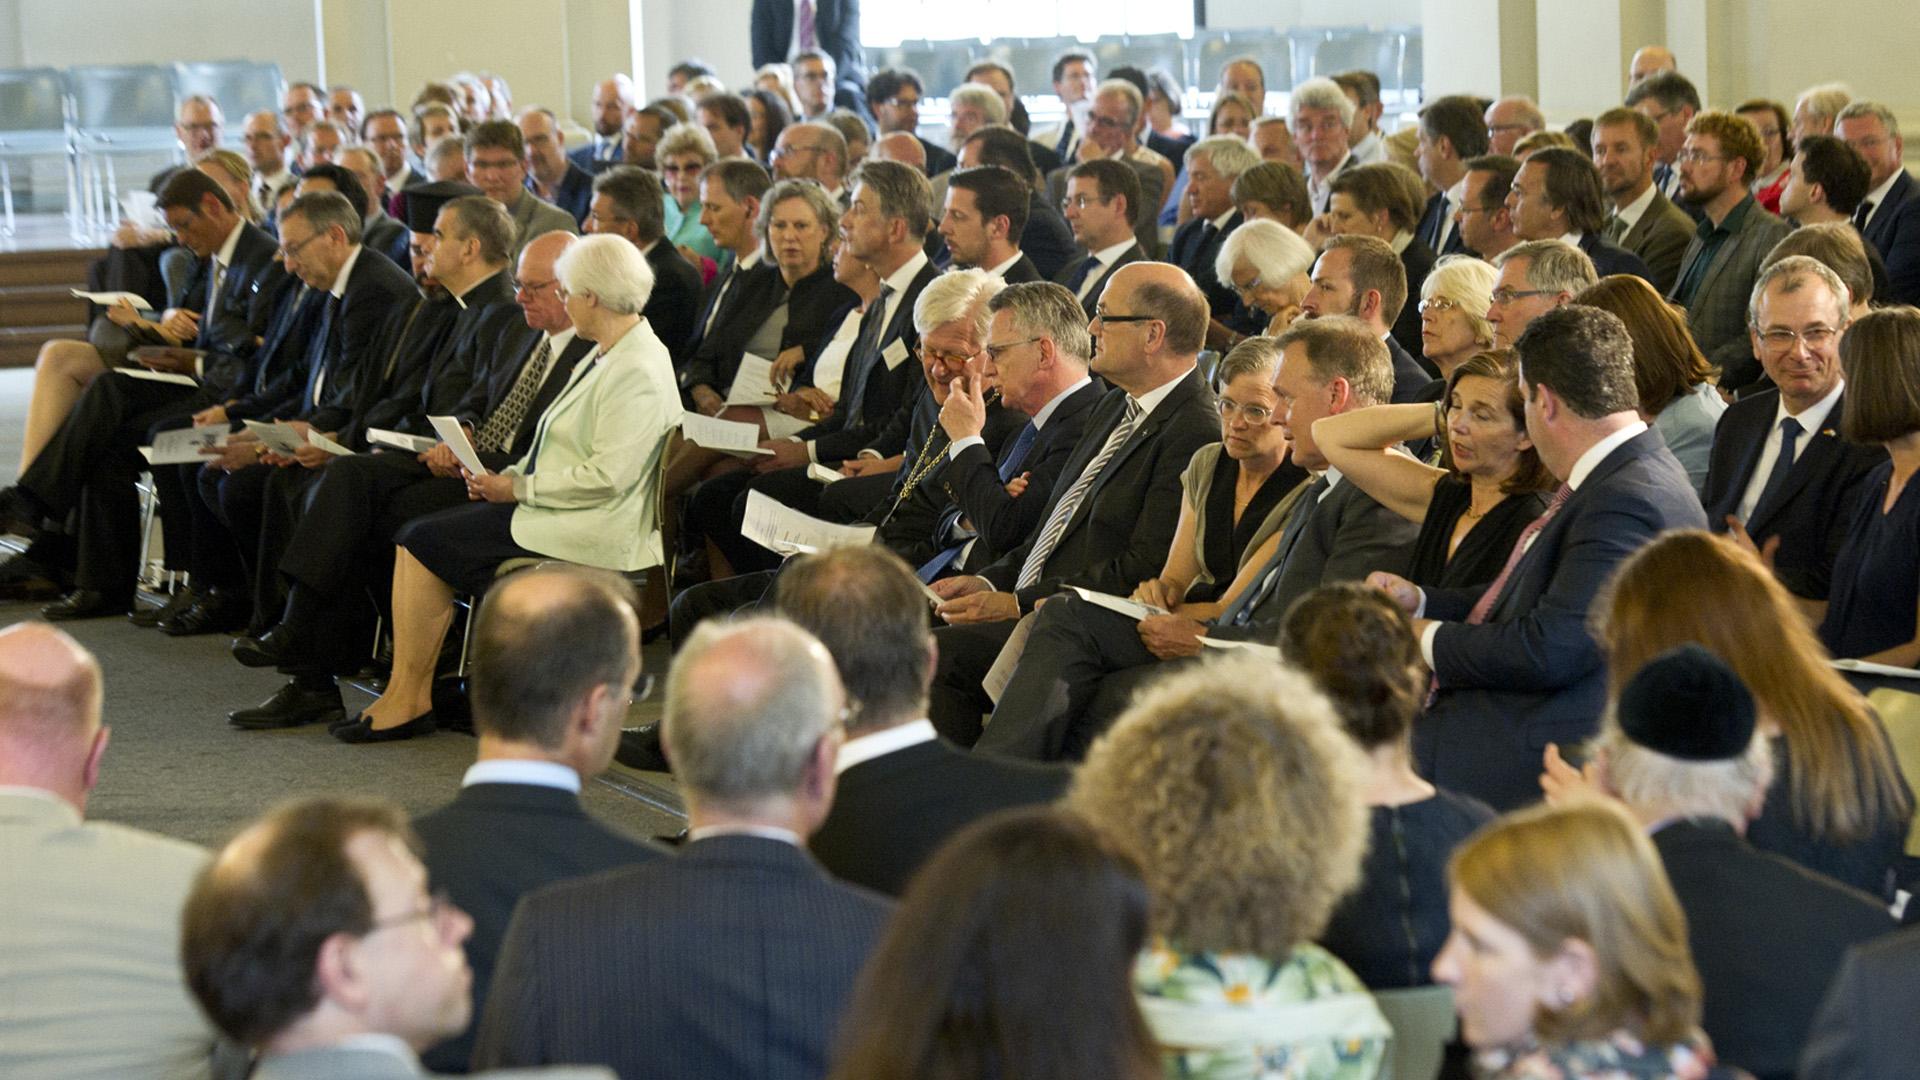 Beim traditionellen Johannisempfang der Evangelischen Kirche in Deutschland waren hochrangige Vertreter aus Politik und Gesellschaft zu Gast, unter anderem Bundestagspräsident Norbert Lammert und Innenminister Thomas de Maizière (beide CDU)